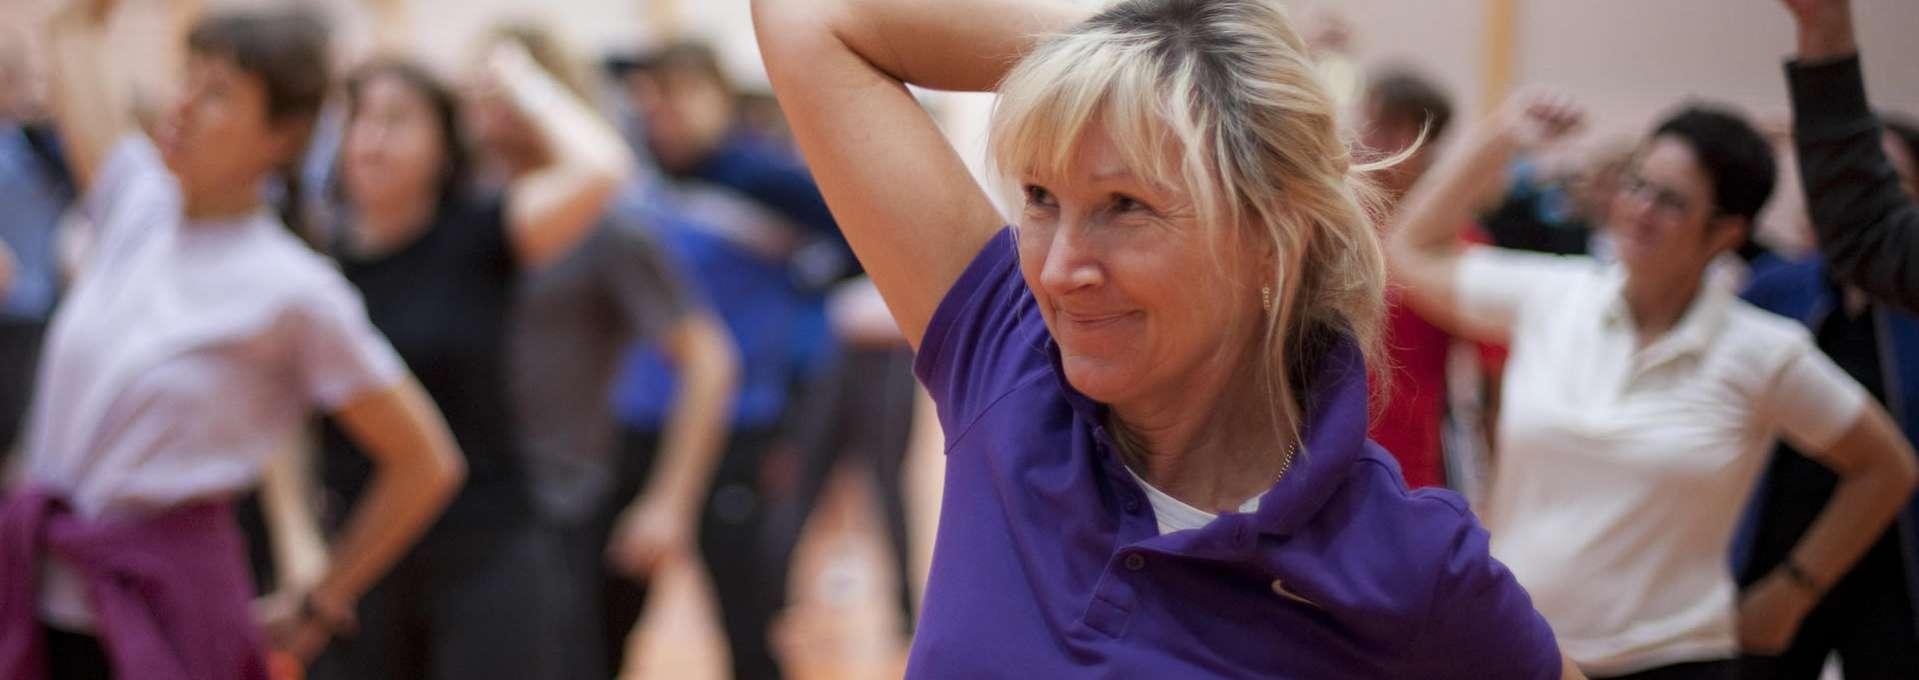 Bewegt GESUND bleiben in NRW! Gymnastikgruppe